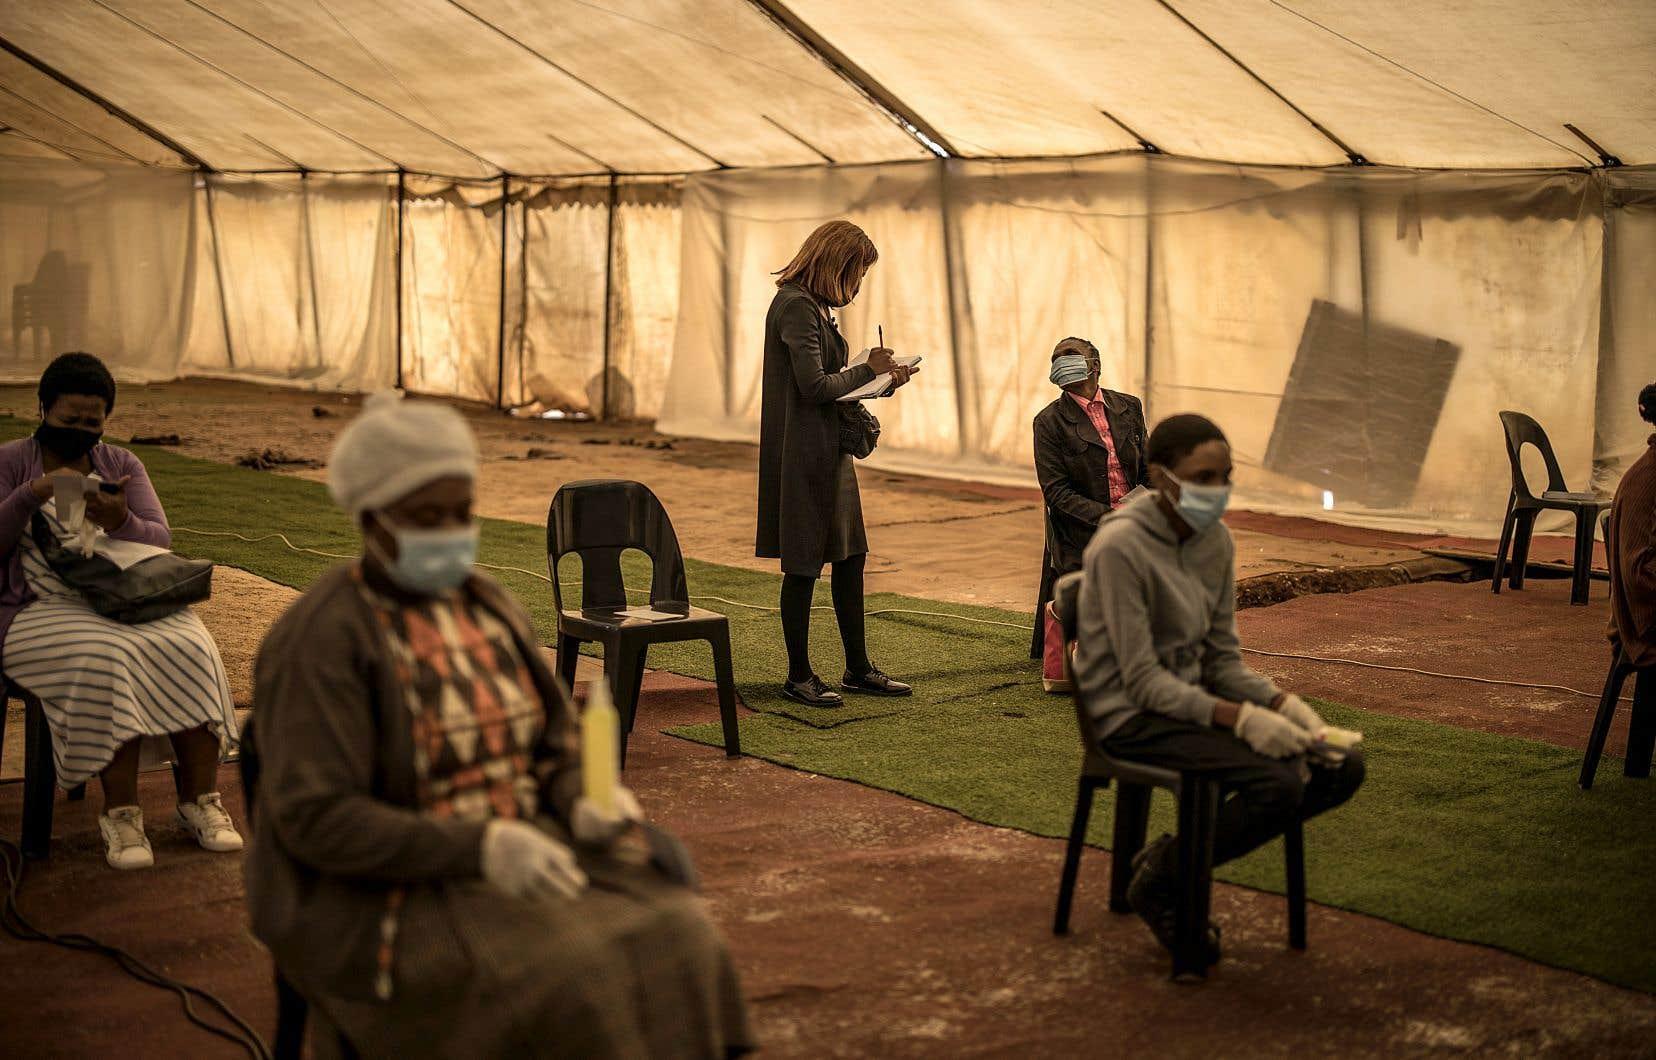 Le prophète Paseka Motsoeneng, mieux connu sous le nom de prophète Mboro, a célébré dimanche à Katlehong une messe devant 50 personnes qui devaient respecter des règles sanitaires strictes.